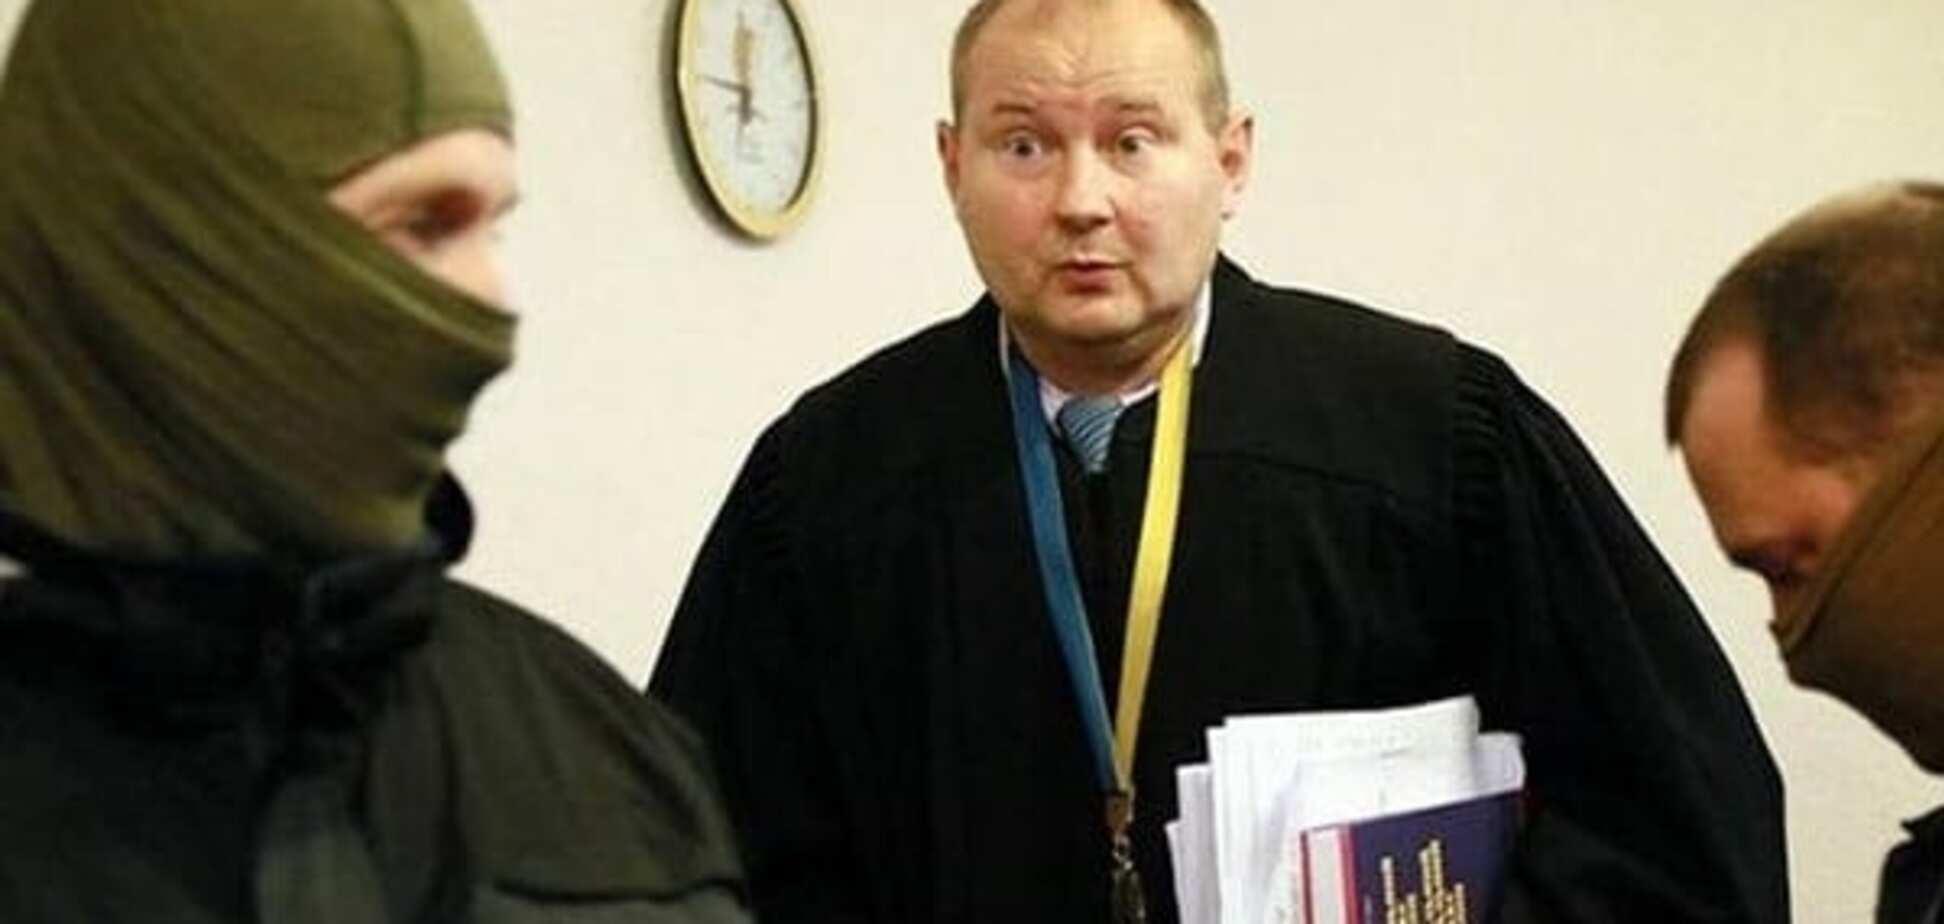 Правоохоронці були безсилі: суддя-корупціонер Чаус утік до Криму